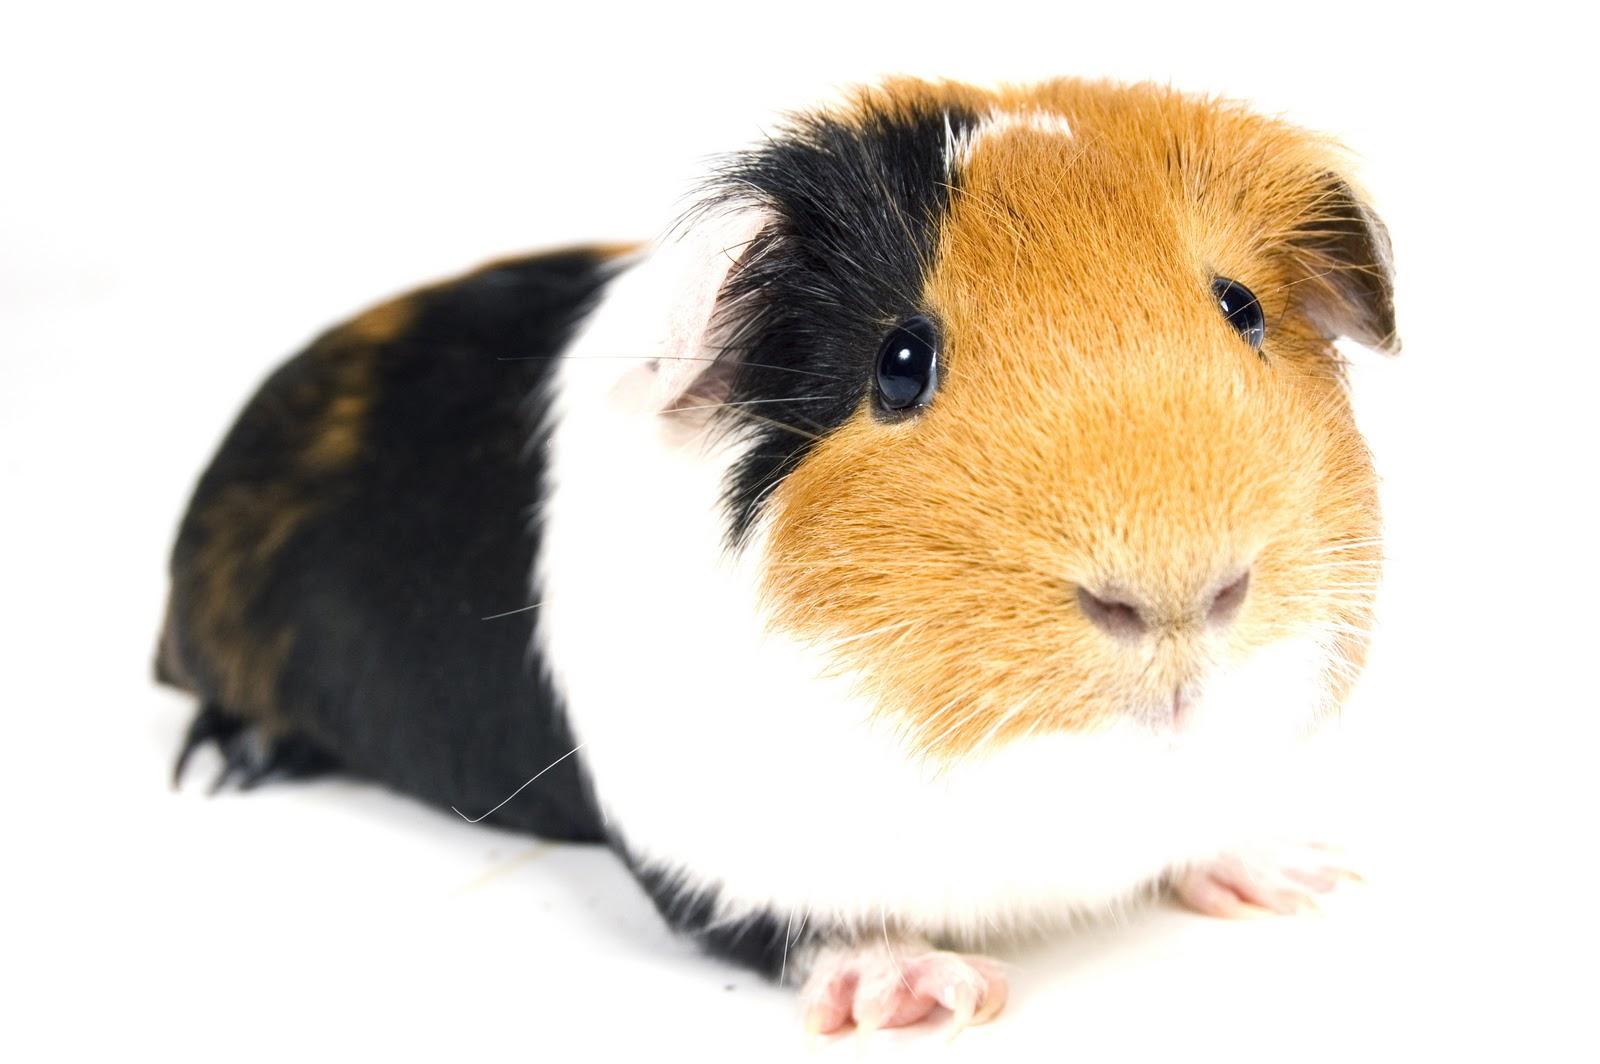 Guinea Pig Wallpaper Guinea Pig Cartoon Peruvian Guinea Pig 1600x1064